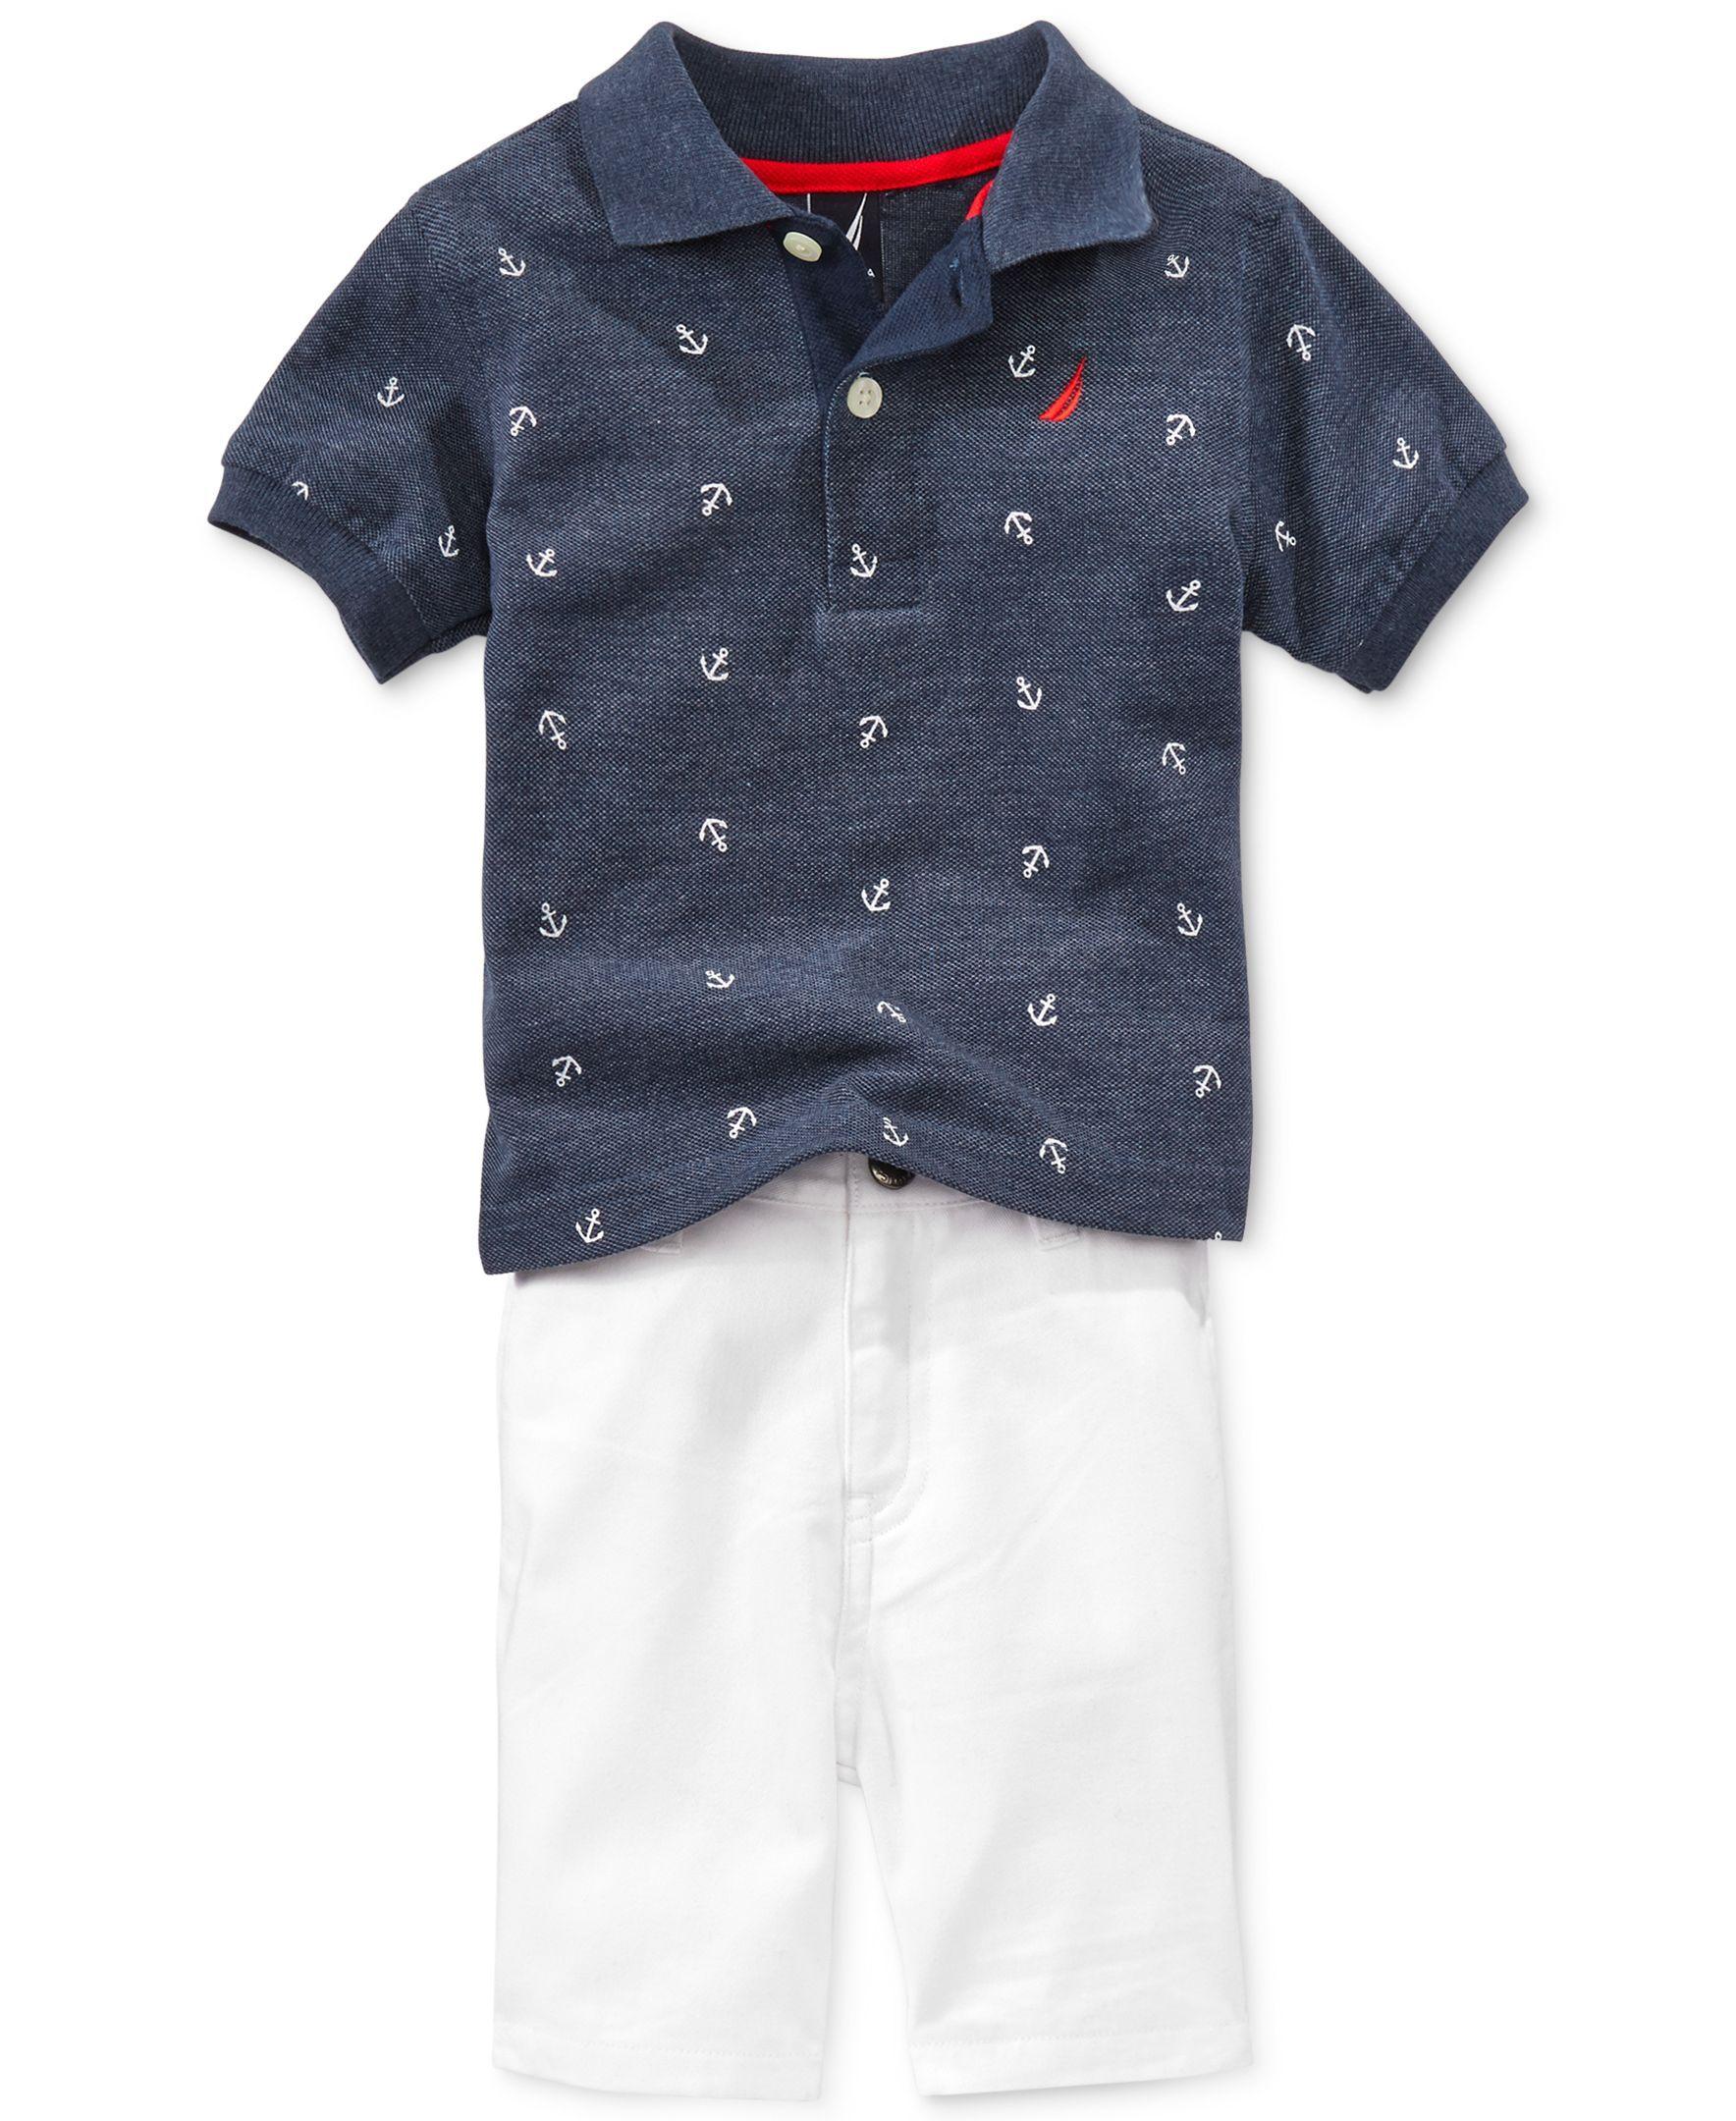 Nautica Baby Boys' 2-Piece Polo & Shorts Set